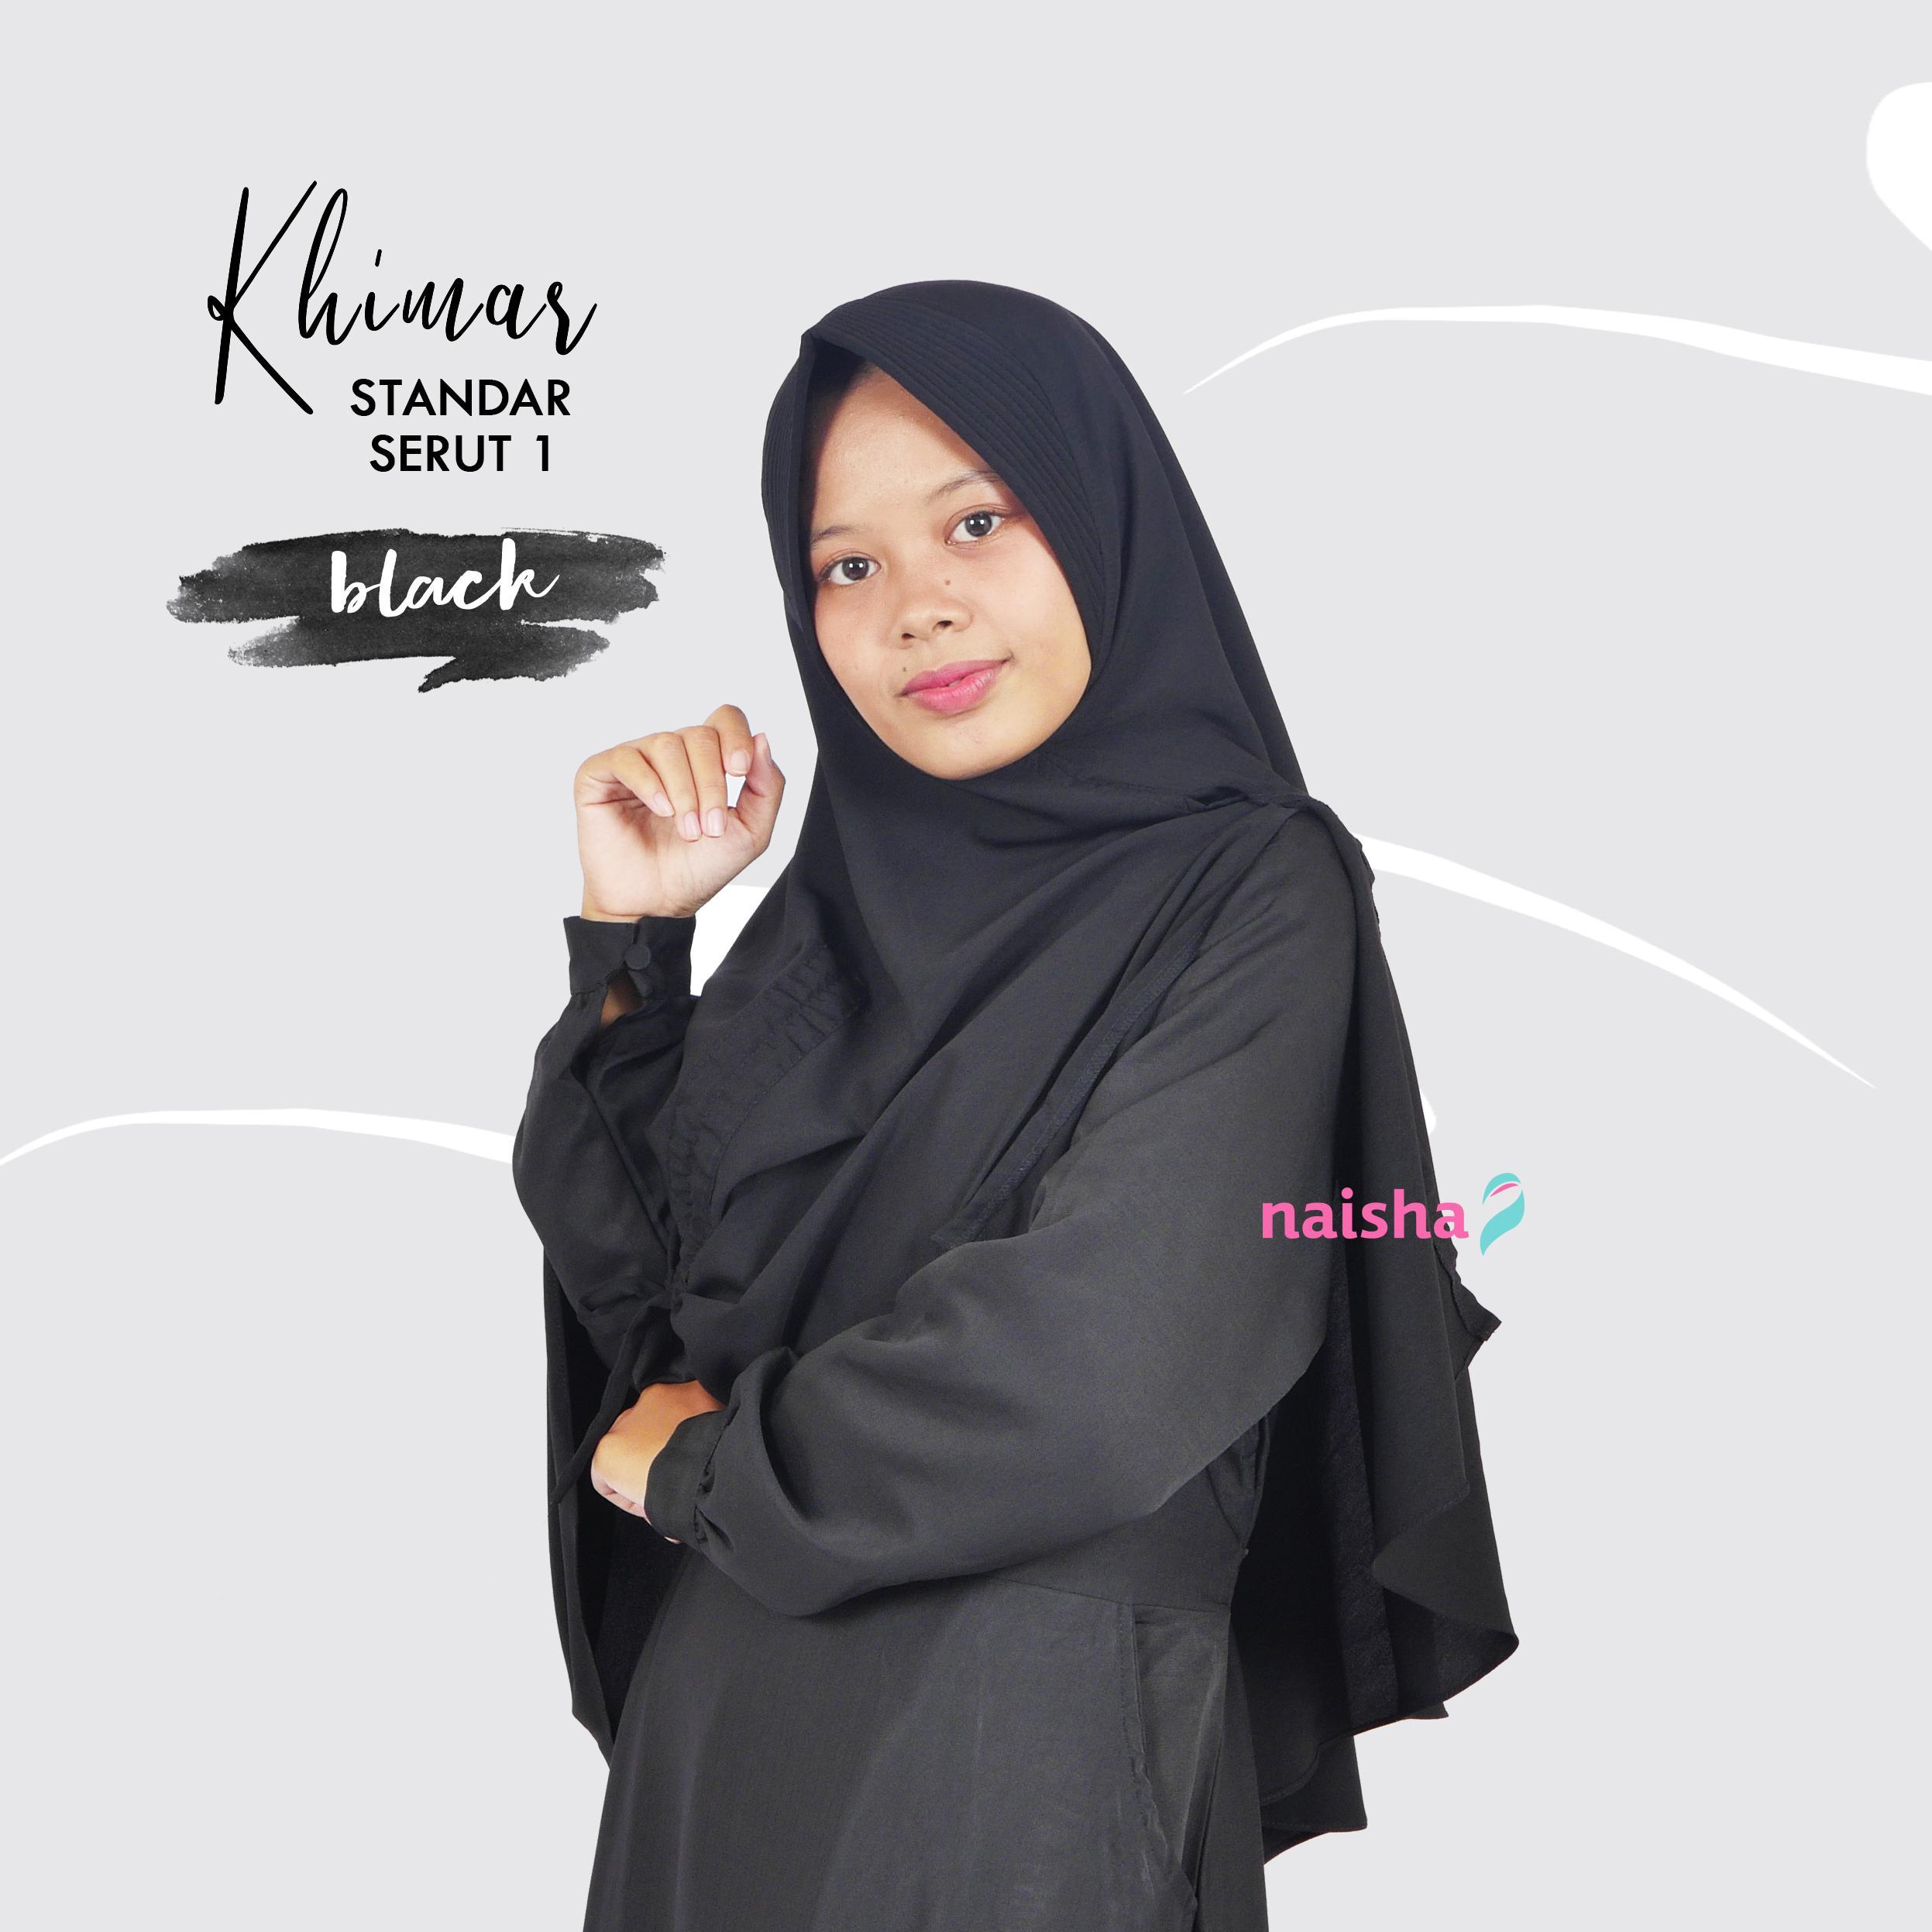 Khimar Naisha Serut 1